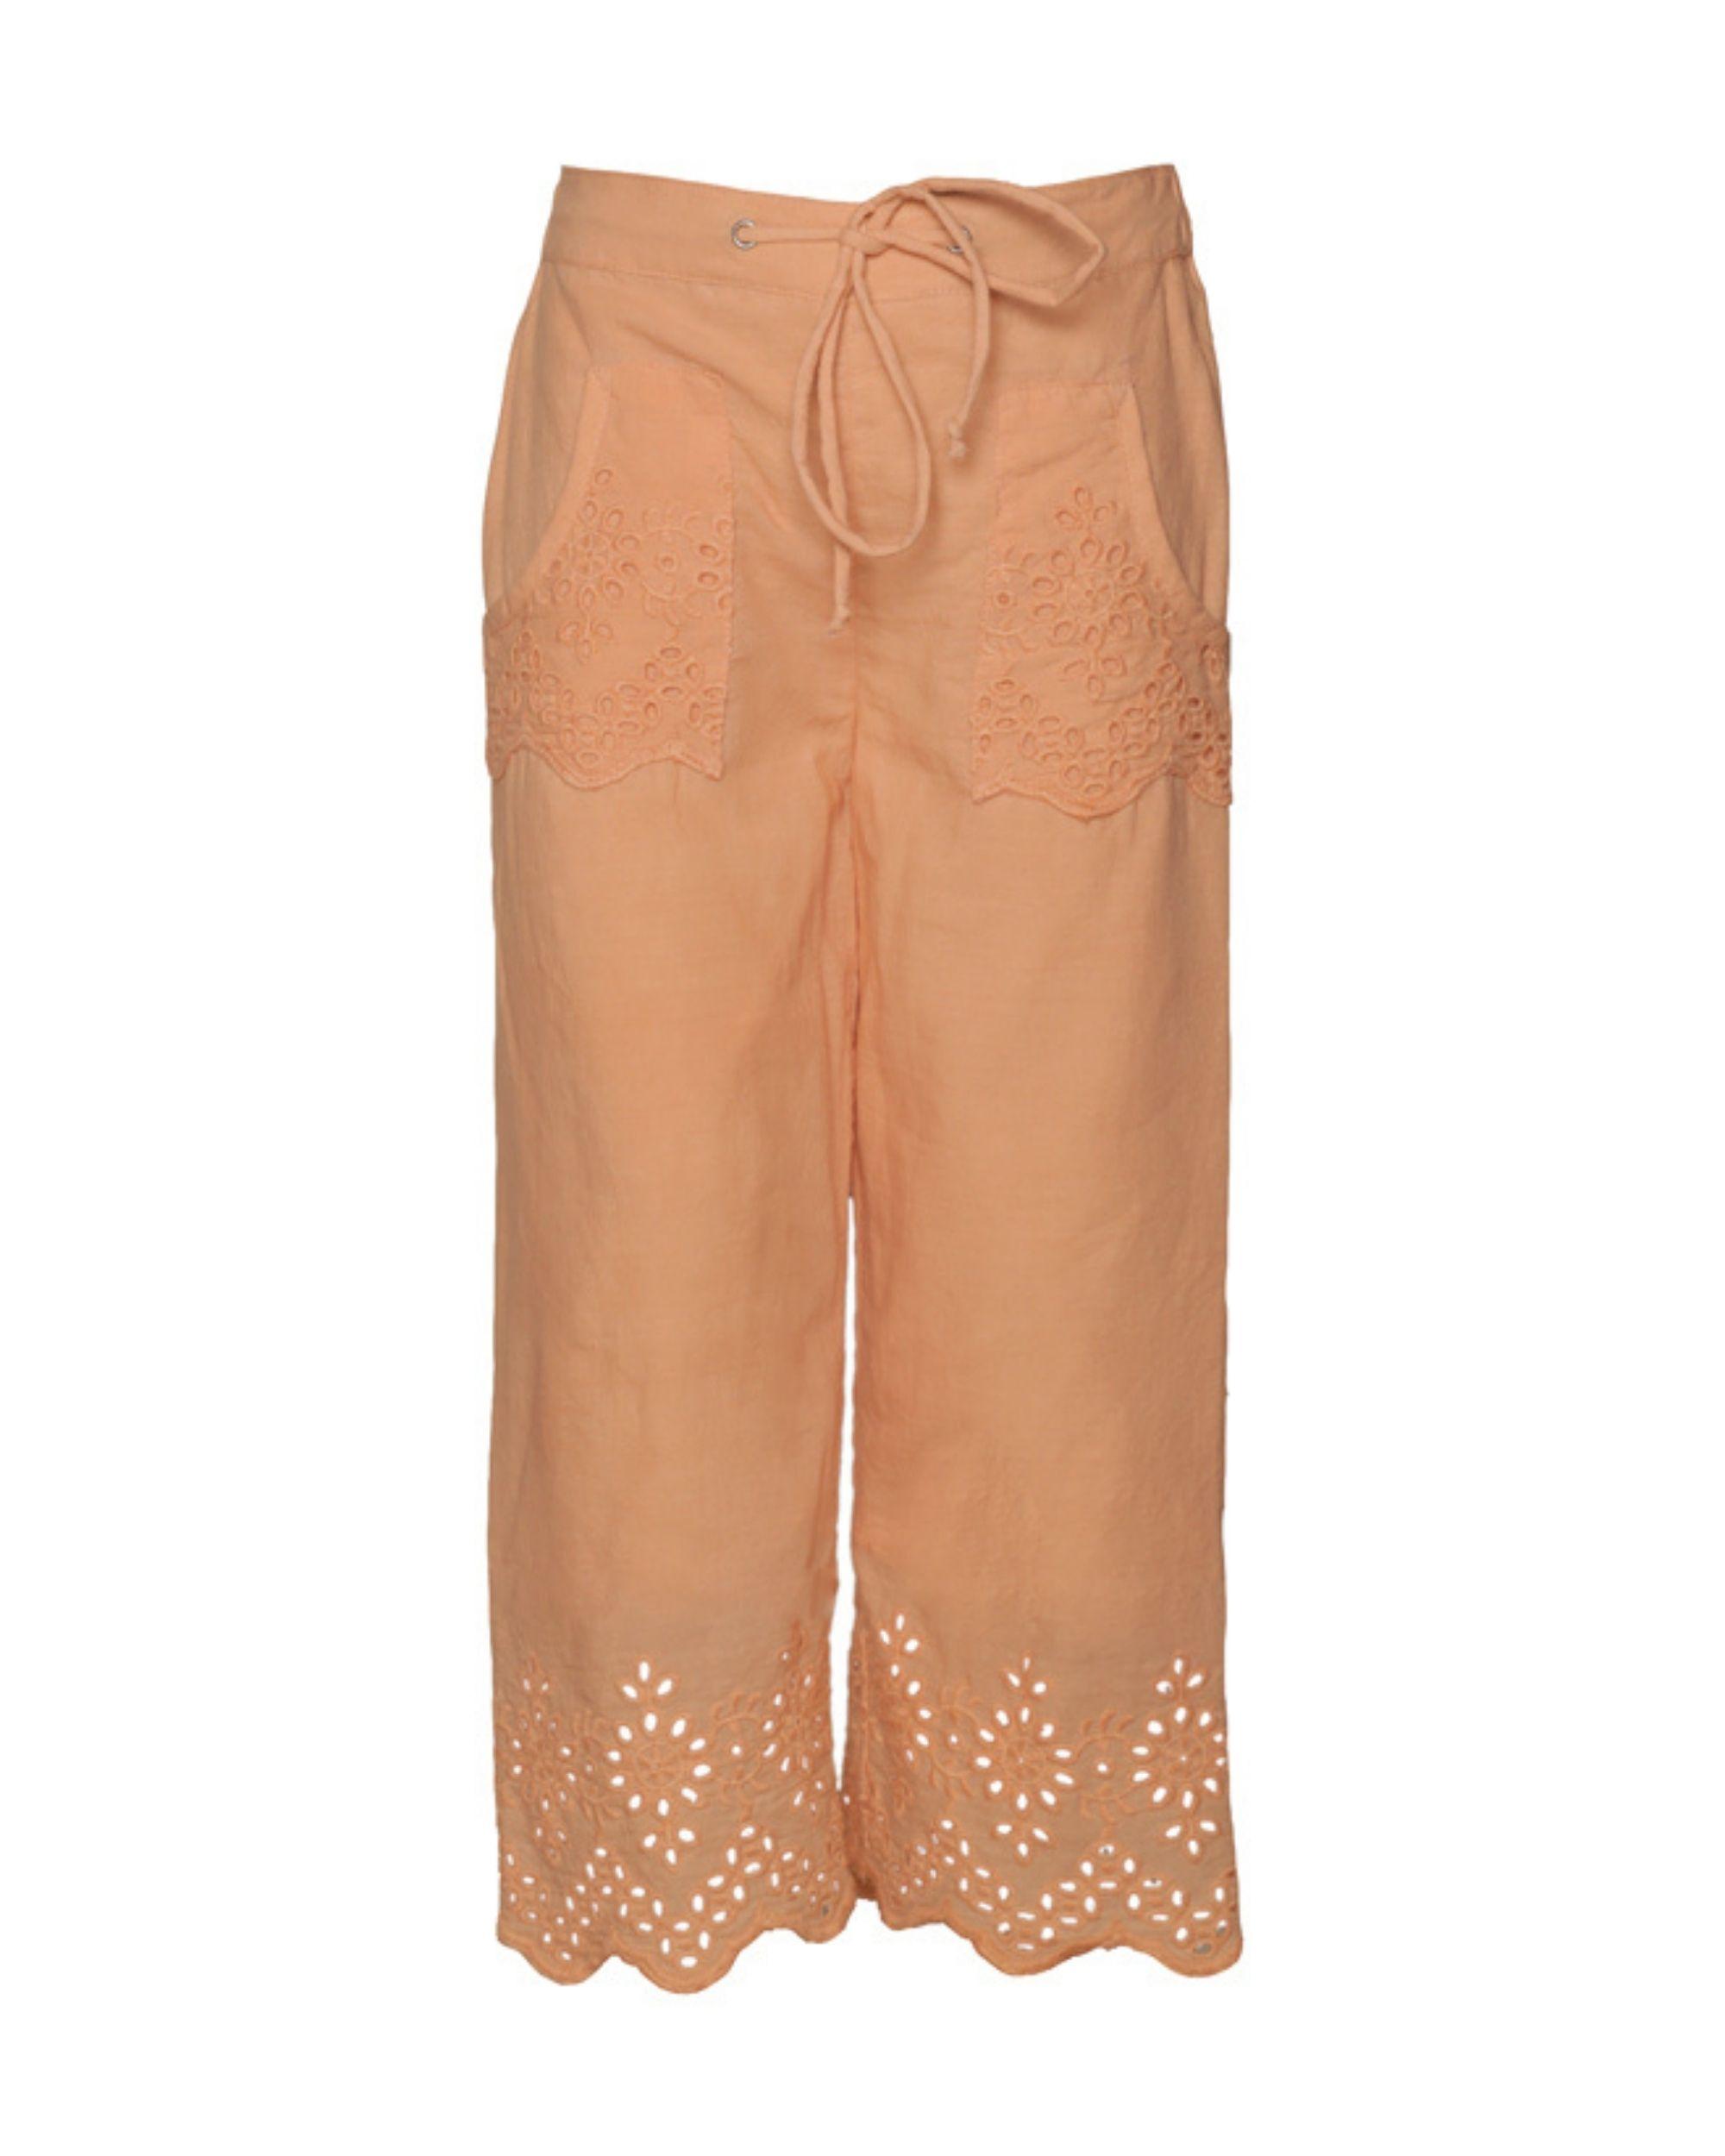 Peach cutwork boho pants